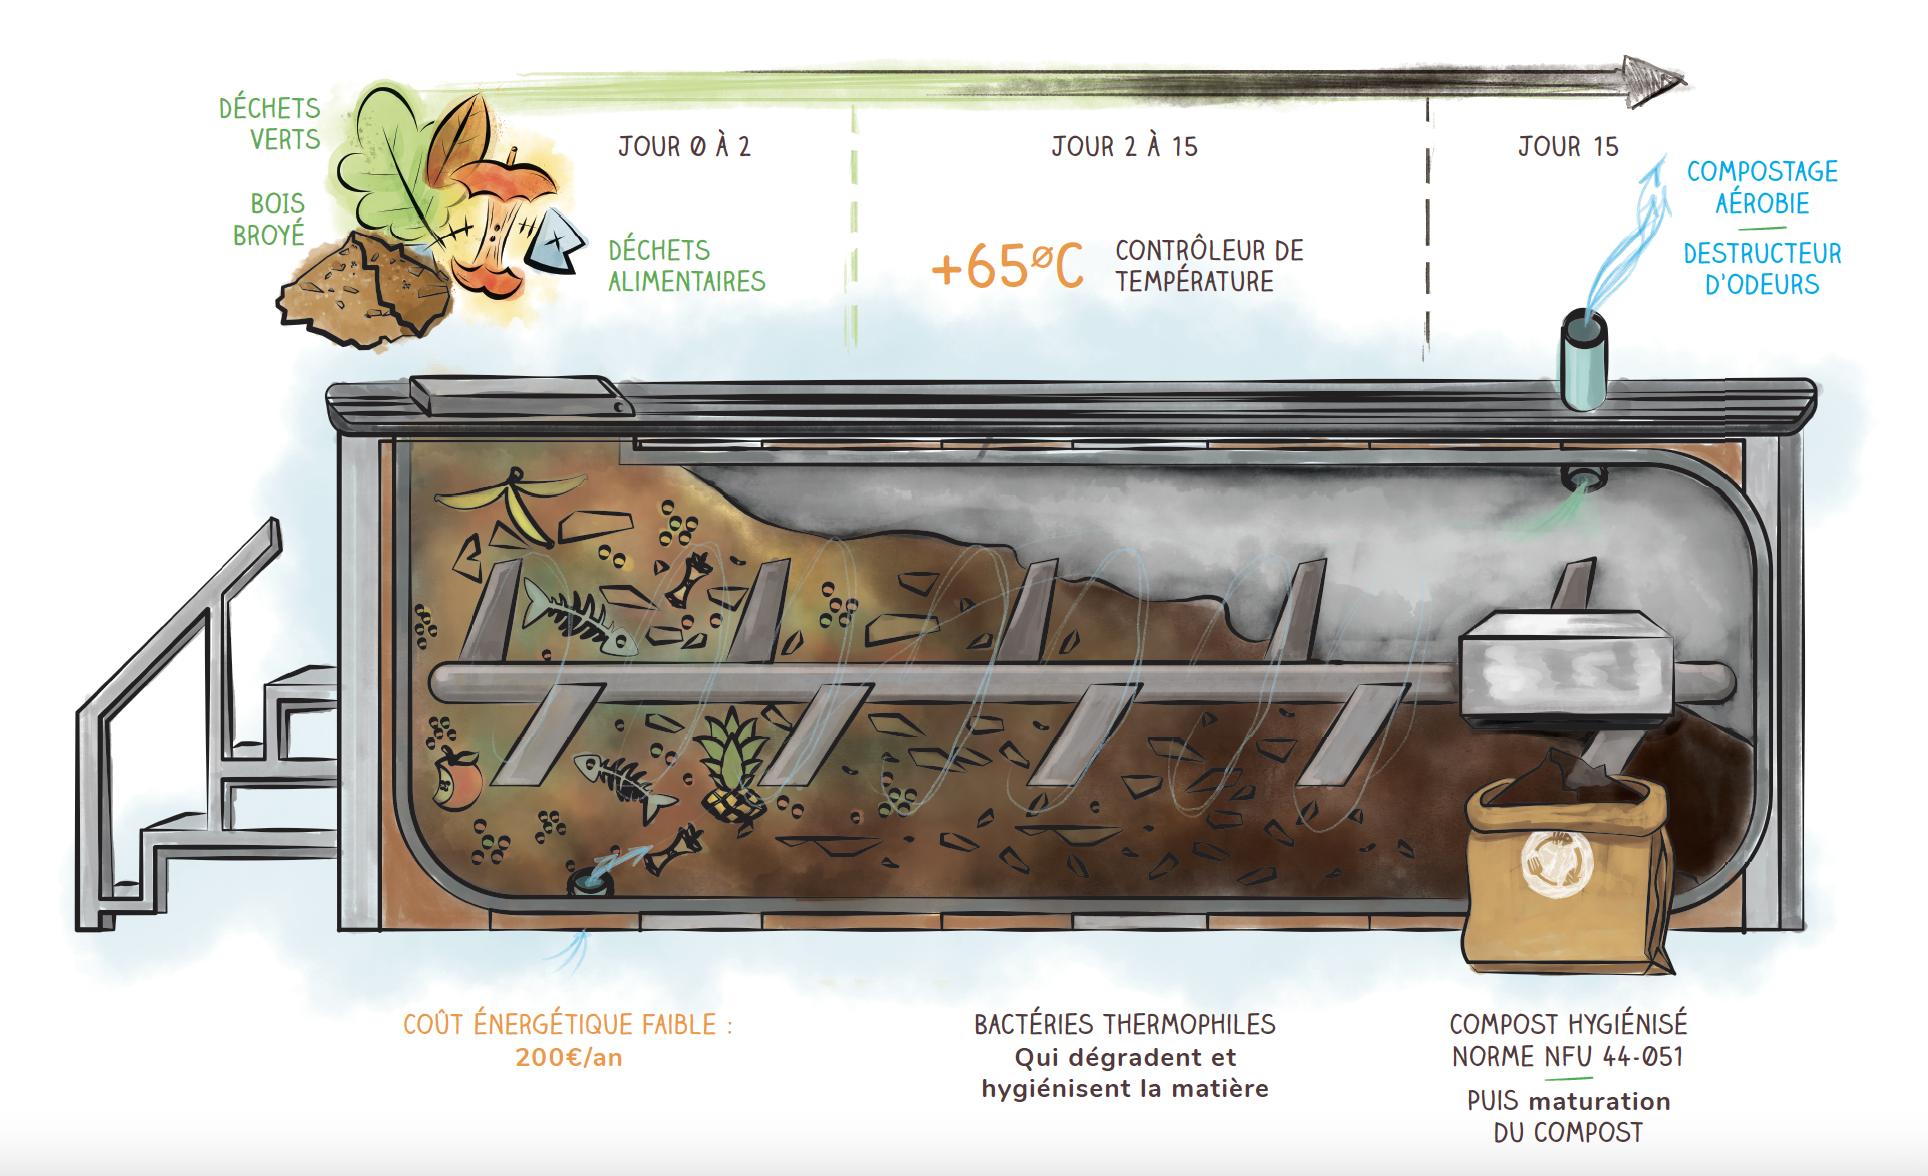 Du biodéchet au compost en 15 jours compostage electromecanique UPCYCLE